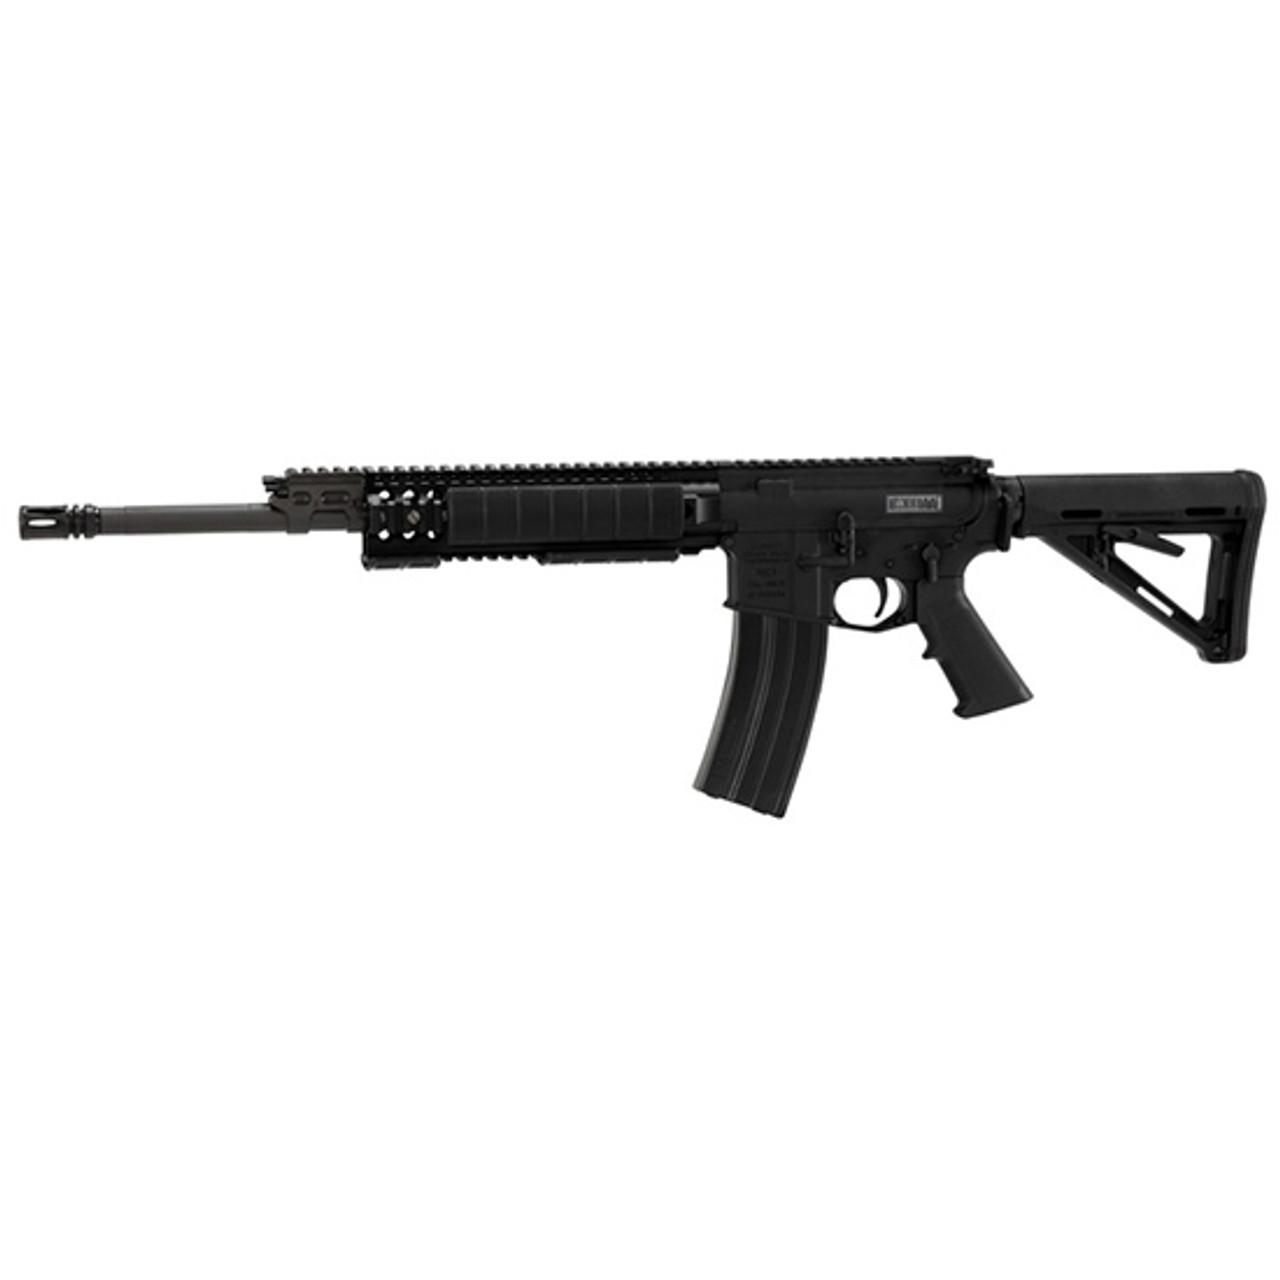 Barrett REC7 DI CALIFORNIA LEGAL - .300Blkout